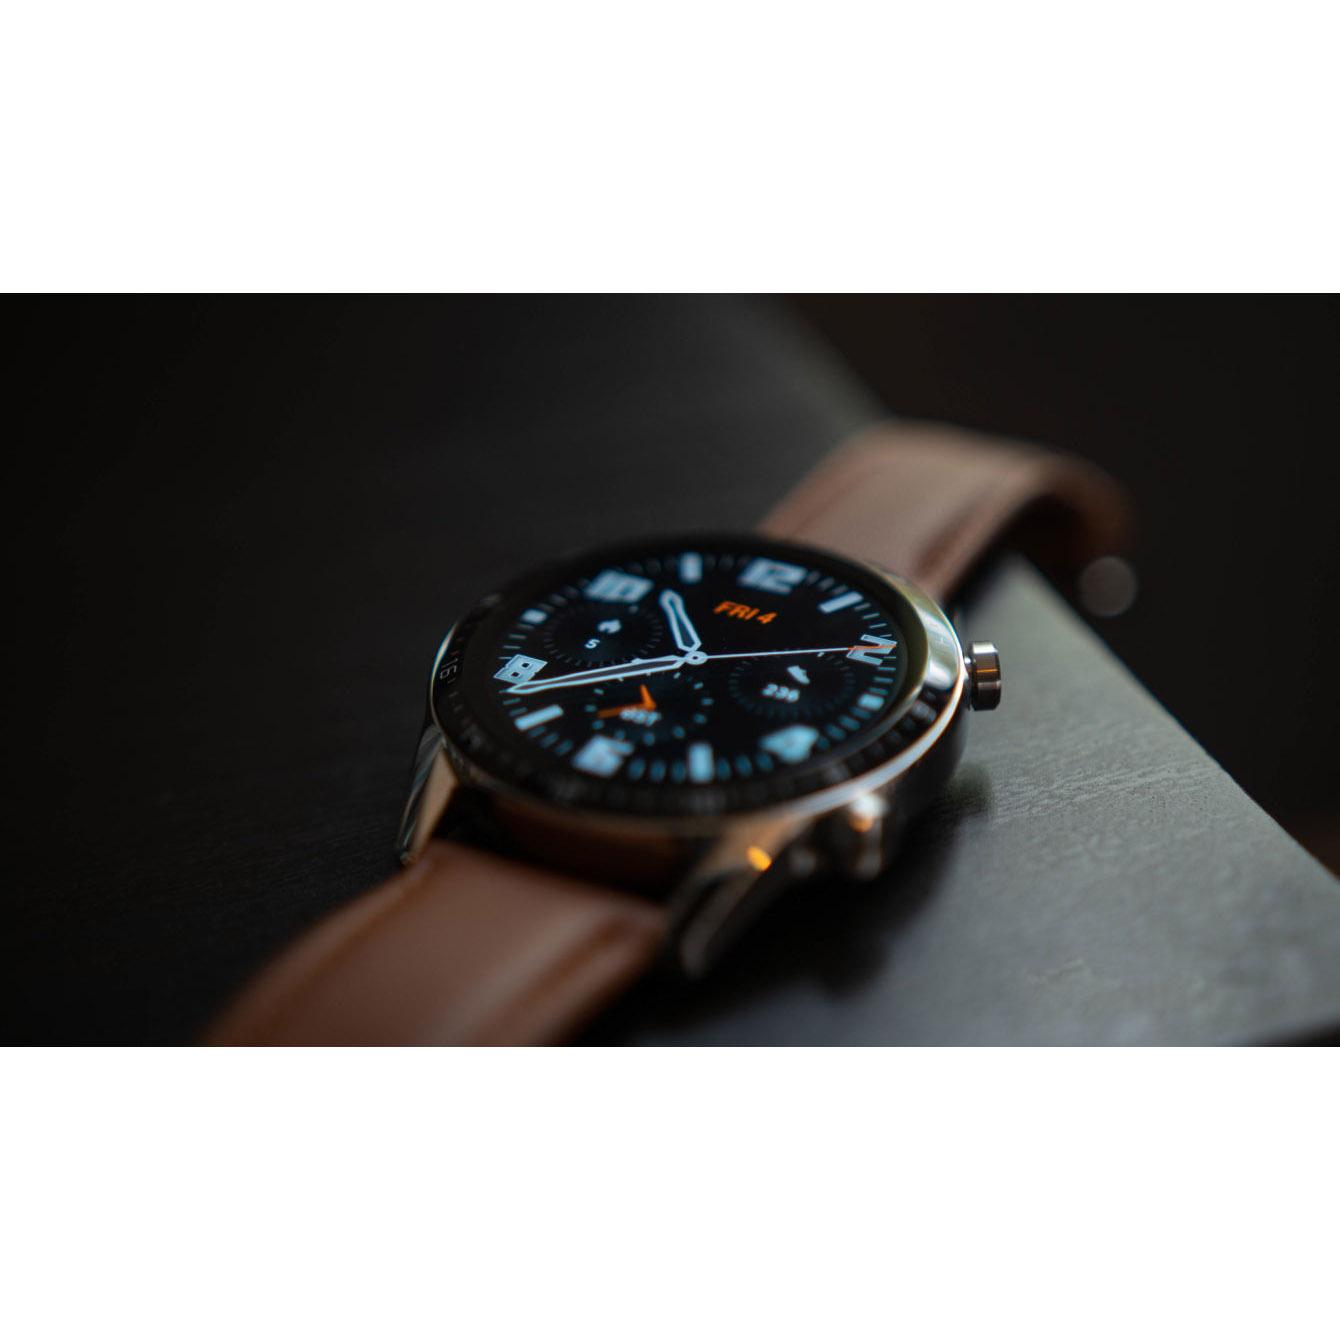 ساعت هوشمند هوآوی مدل WATCH GT 2 LTN-B19 46 mm main 1 26